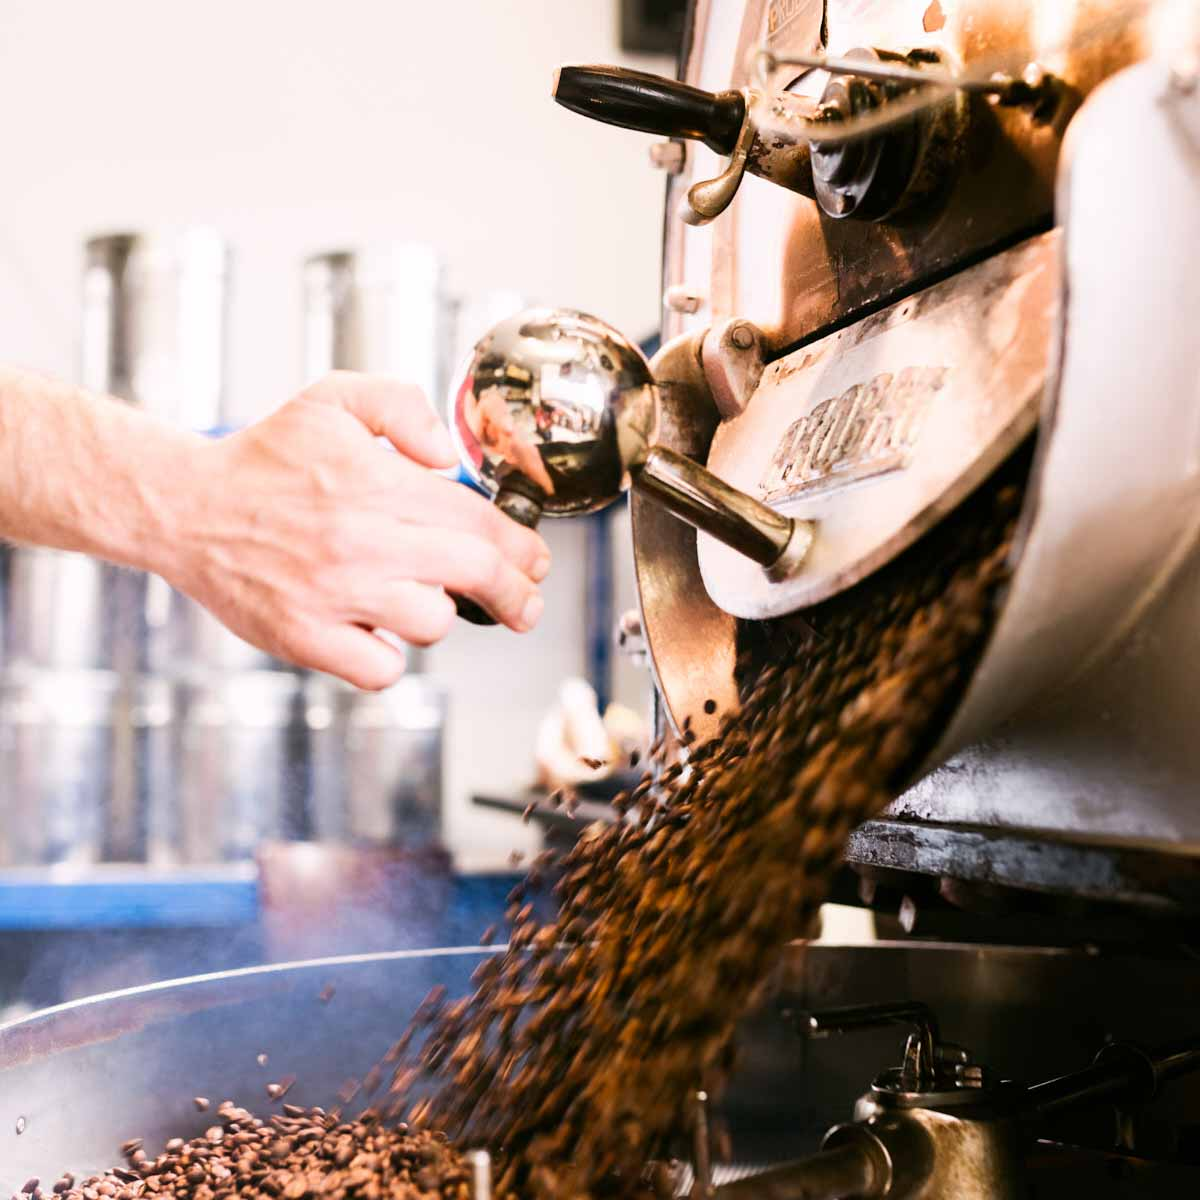 Die Rösterei Hamburg Kaffee © Tobias Hoops